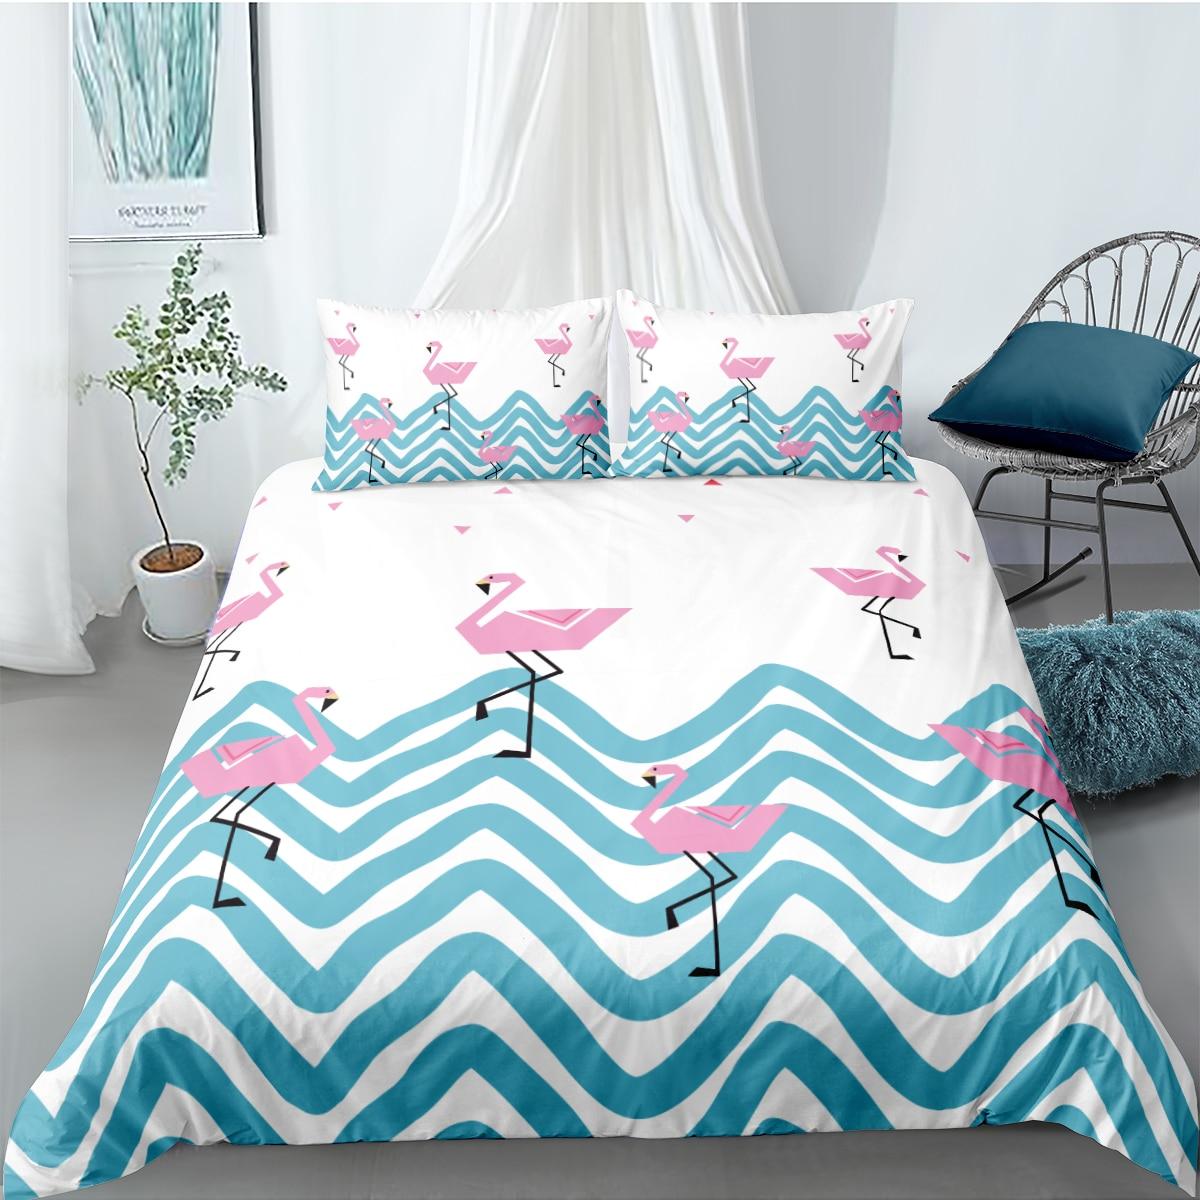 3D пододеяльник наборы постельных принадлежностей постельные принадлежности сумка подушка Shams King Queen полный двойной размер животное Фламин...